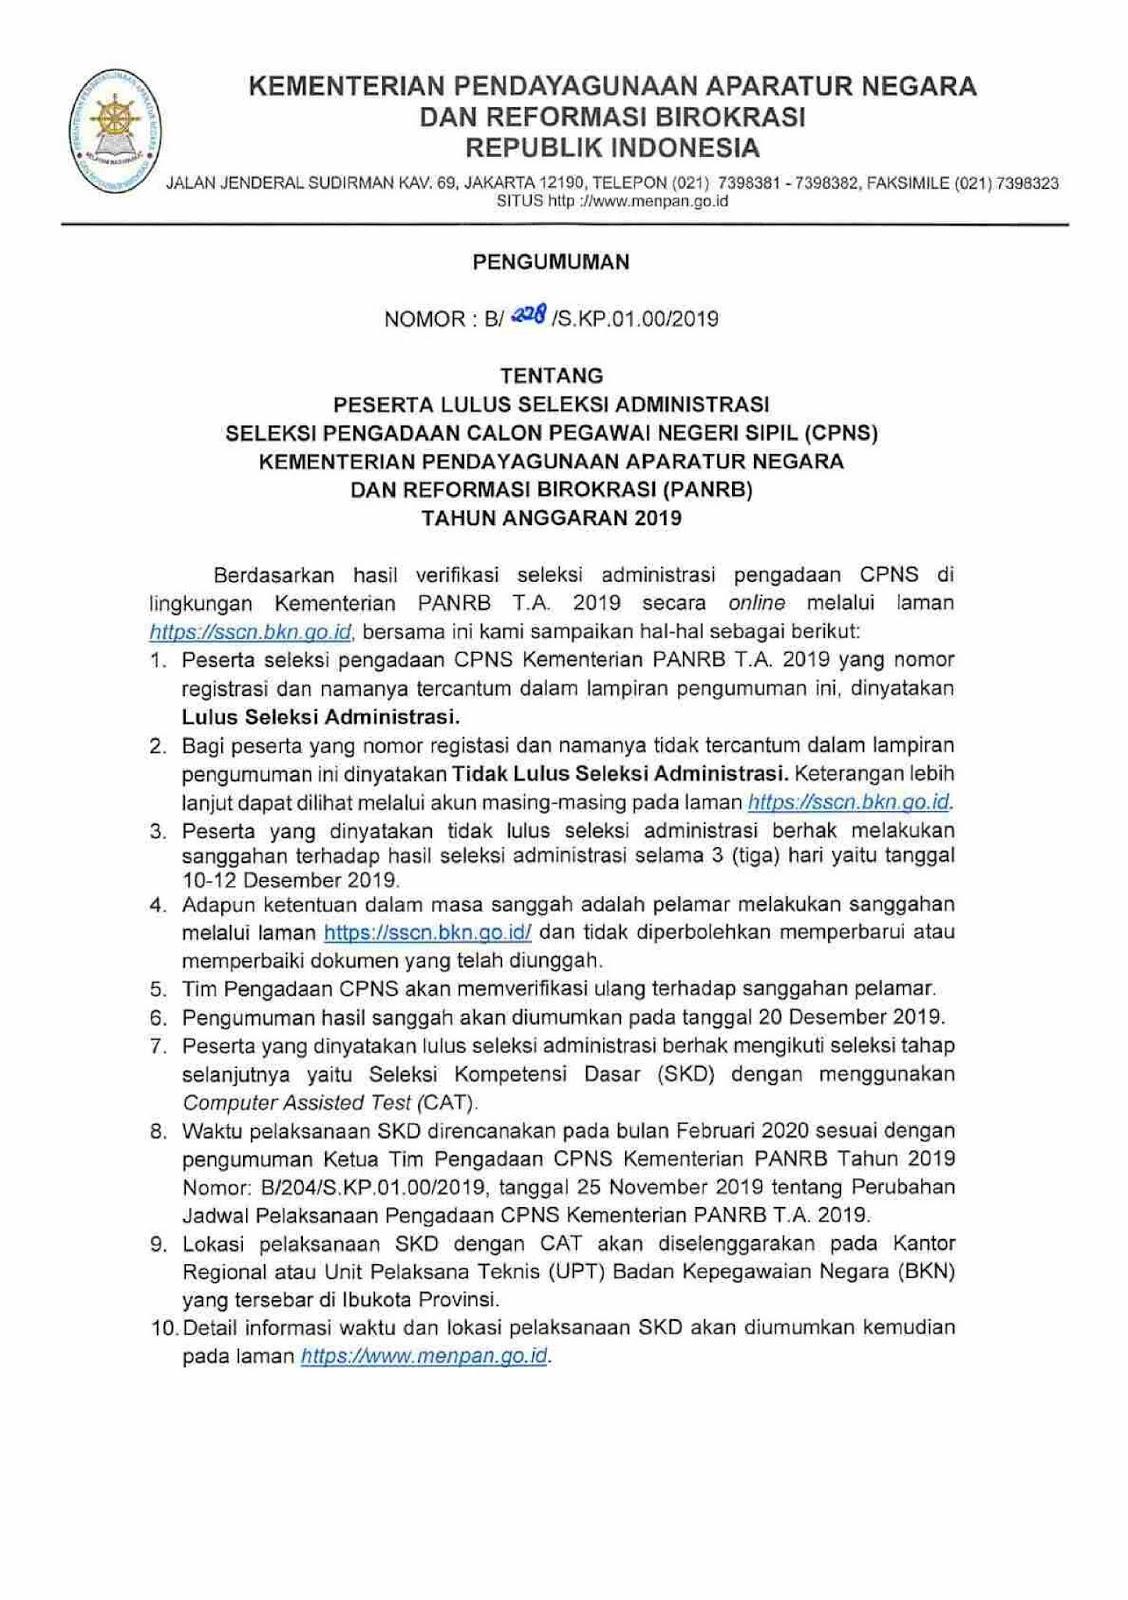 Hasil Seleksi Administrasi Pengadaan CPNS Kementerian Pendayagunaan Aparatur Negara Dan Reformasi Birokrasi (PANRB) Tahun Anggaran 2019